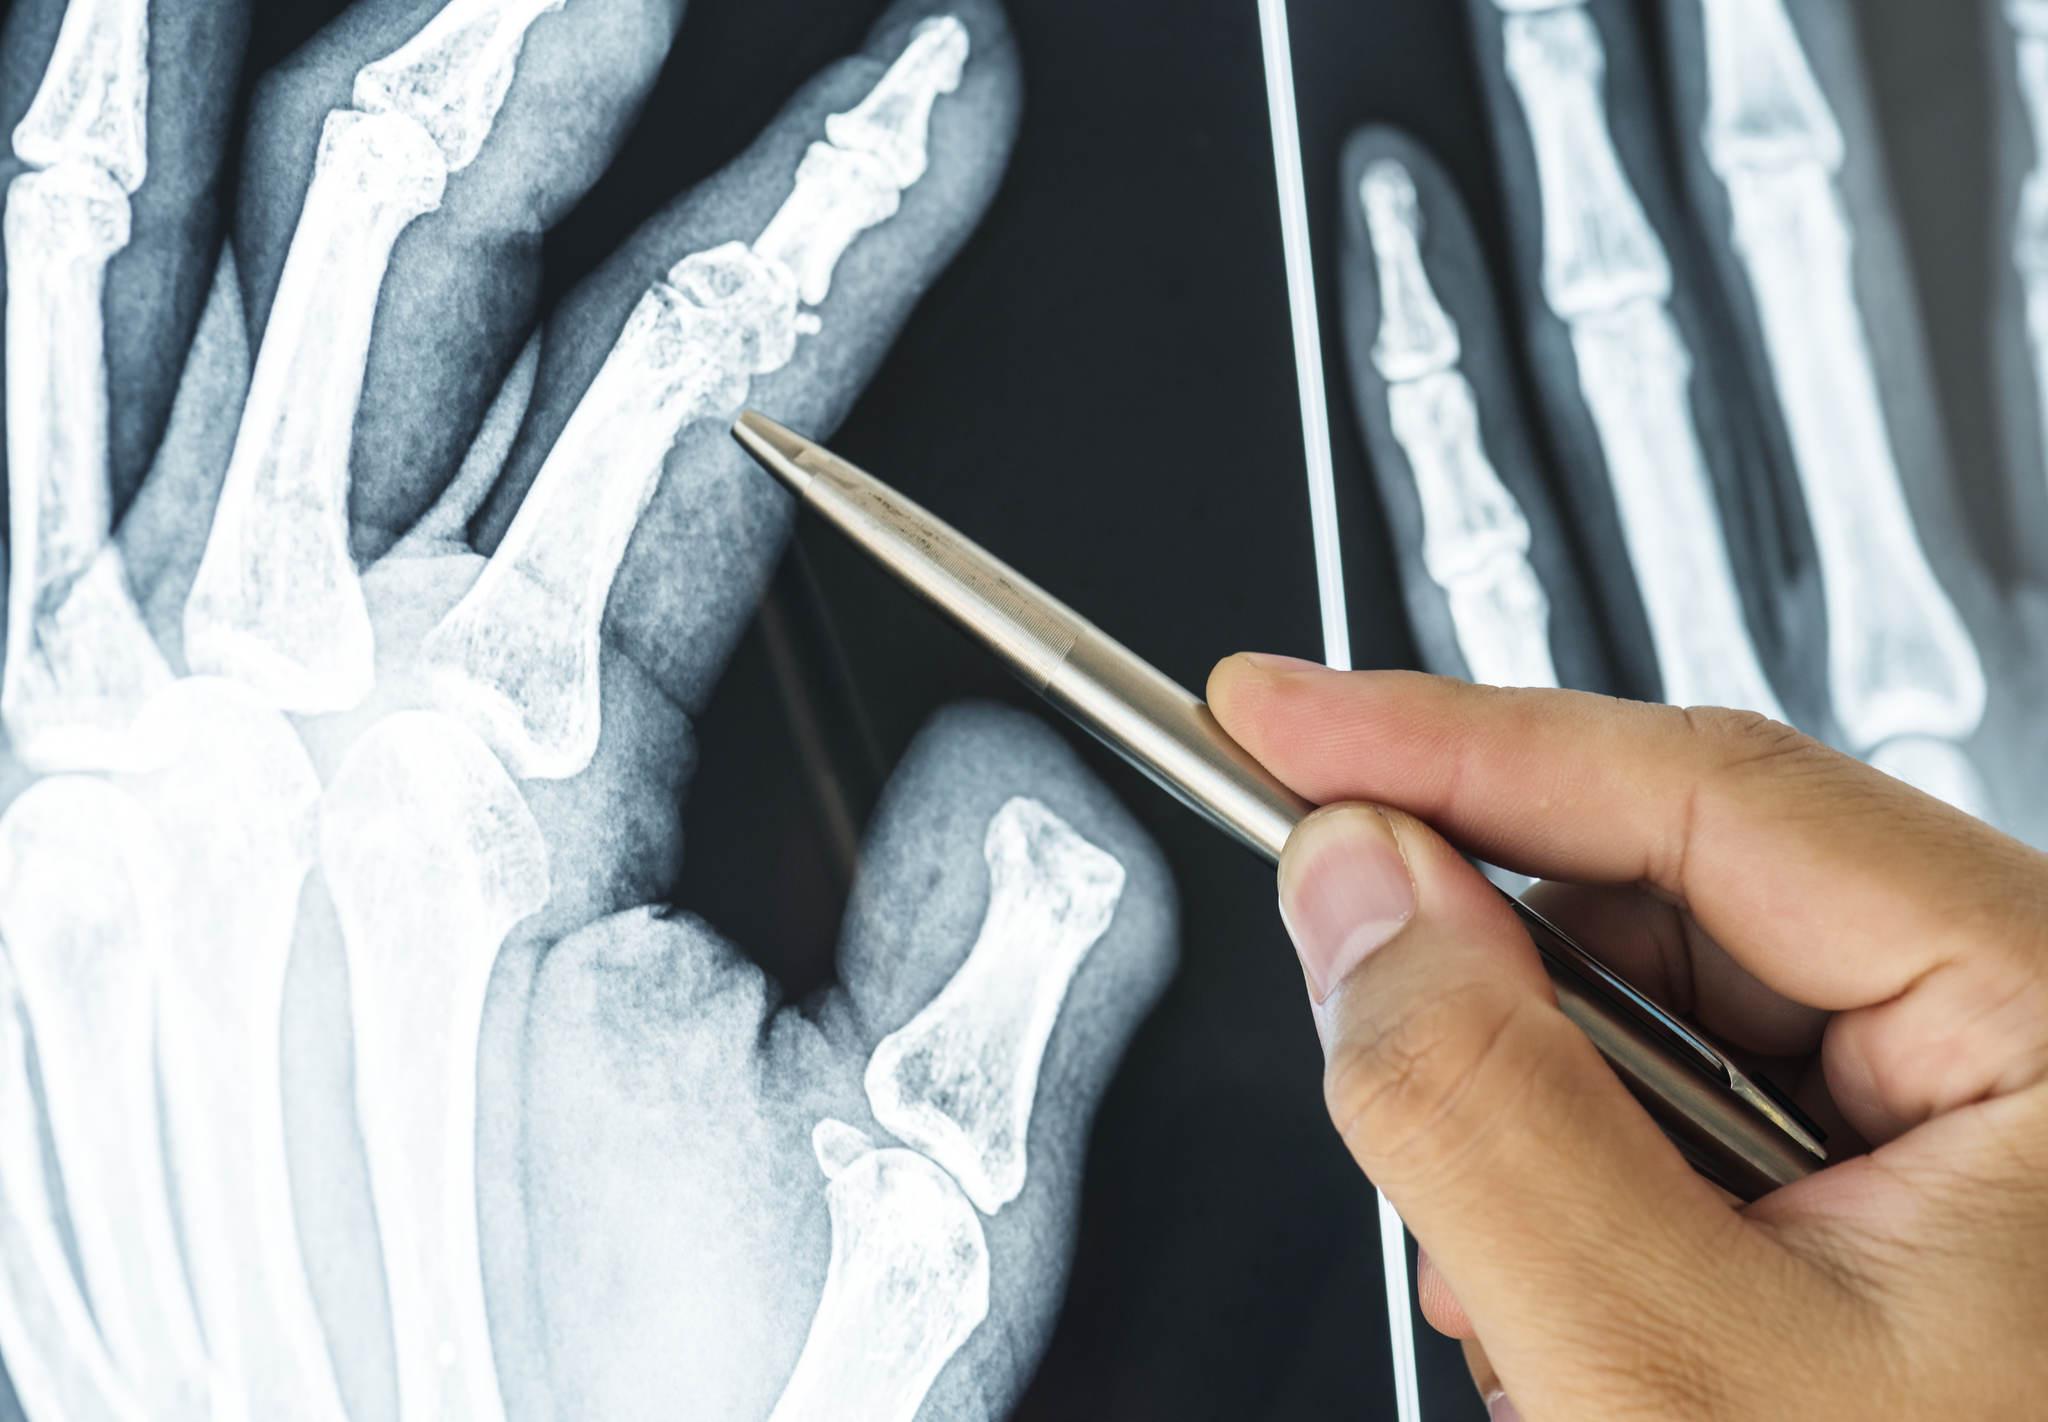 el röntgenini inceleyen doktor, romatizma ağrısı nasıl geçer